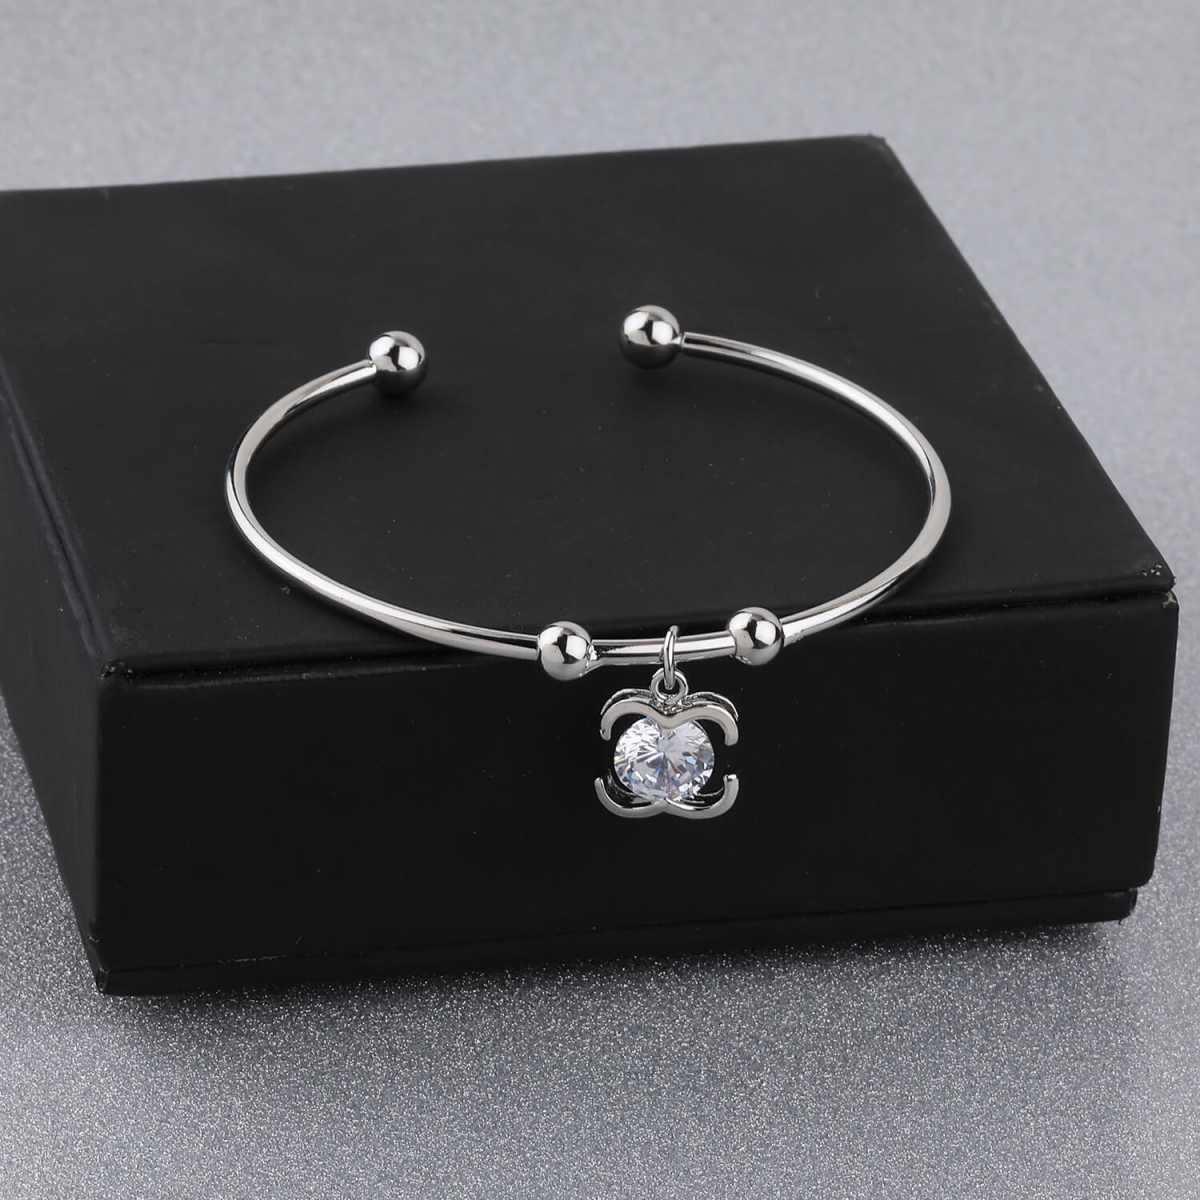 SILVER SHINE Party Wear Fancy Look Adjustable Bracelet With Diamond For Women Girls